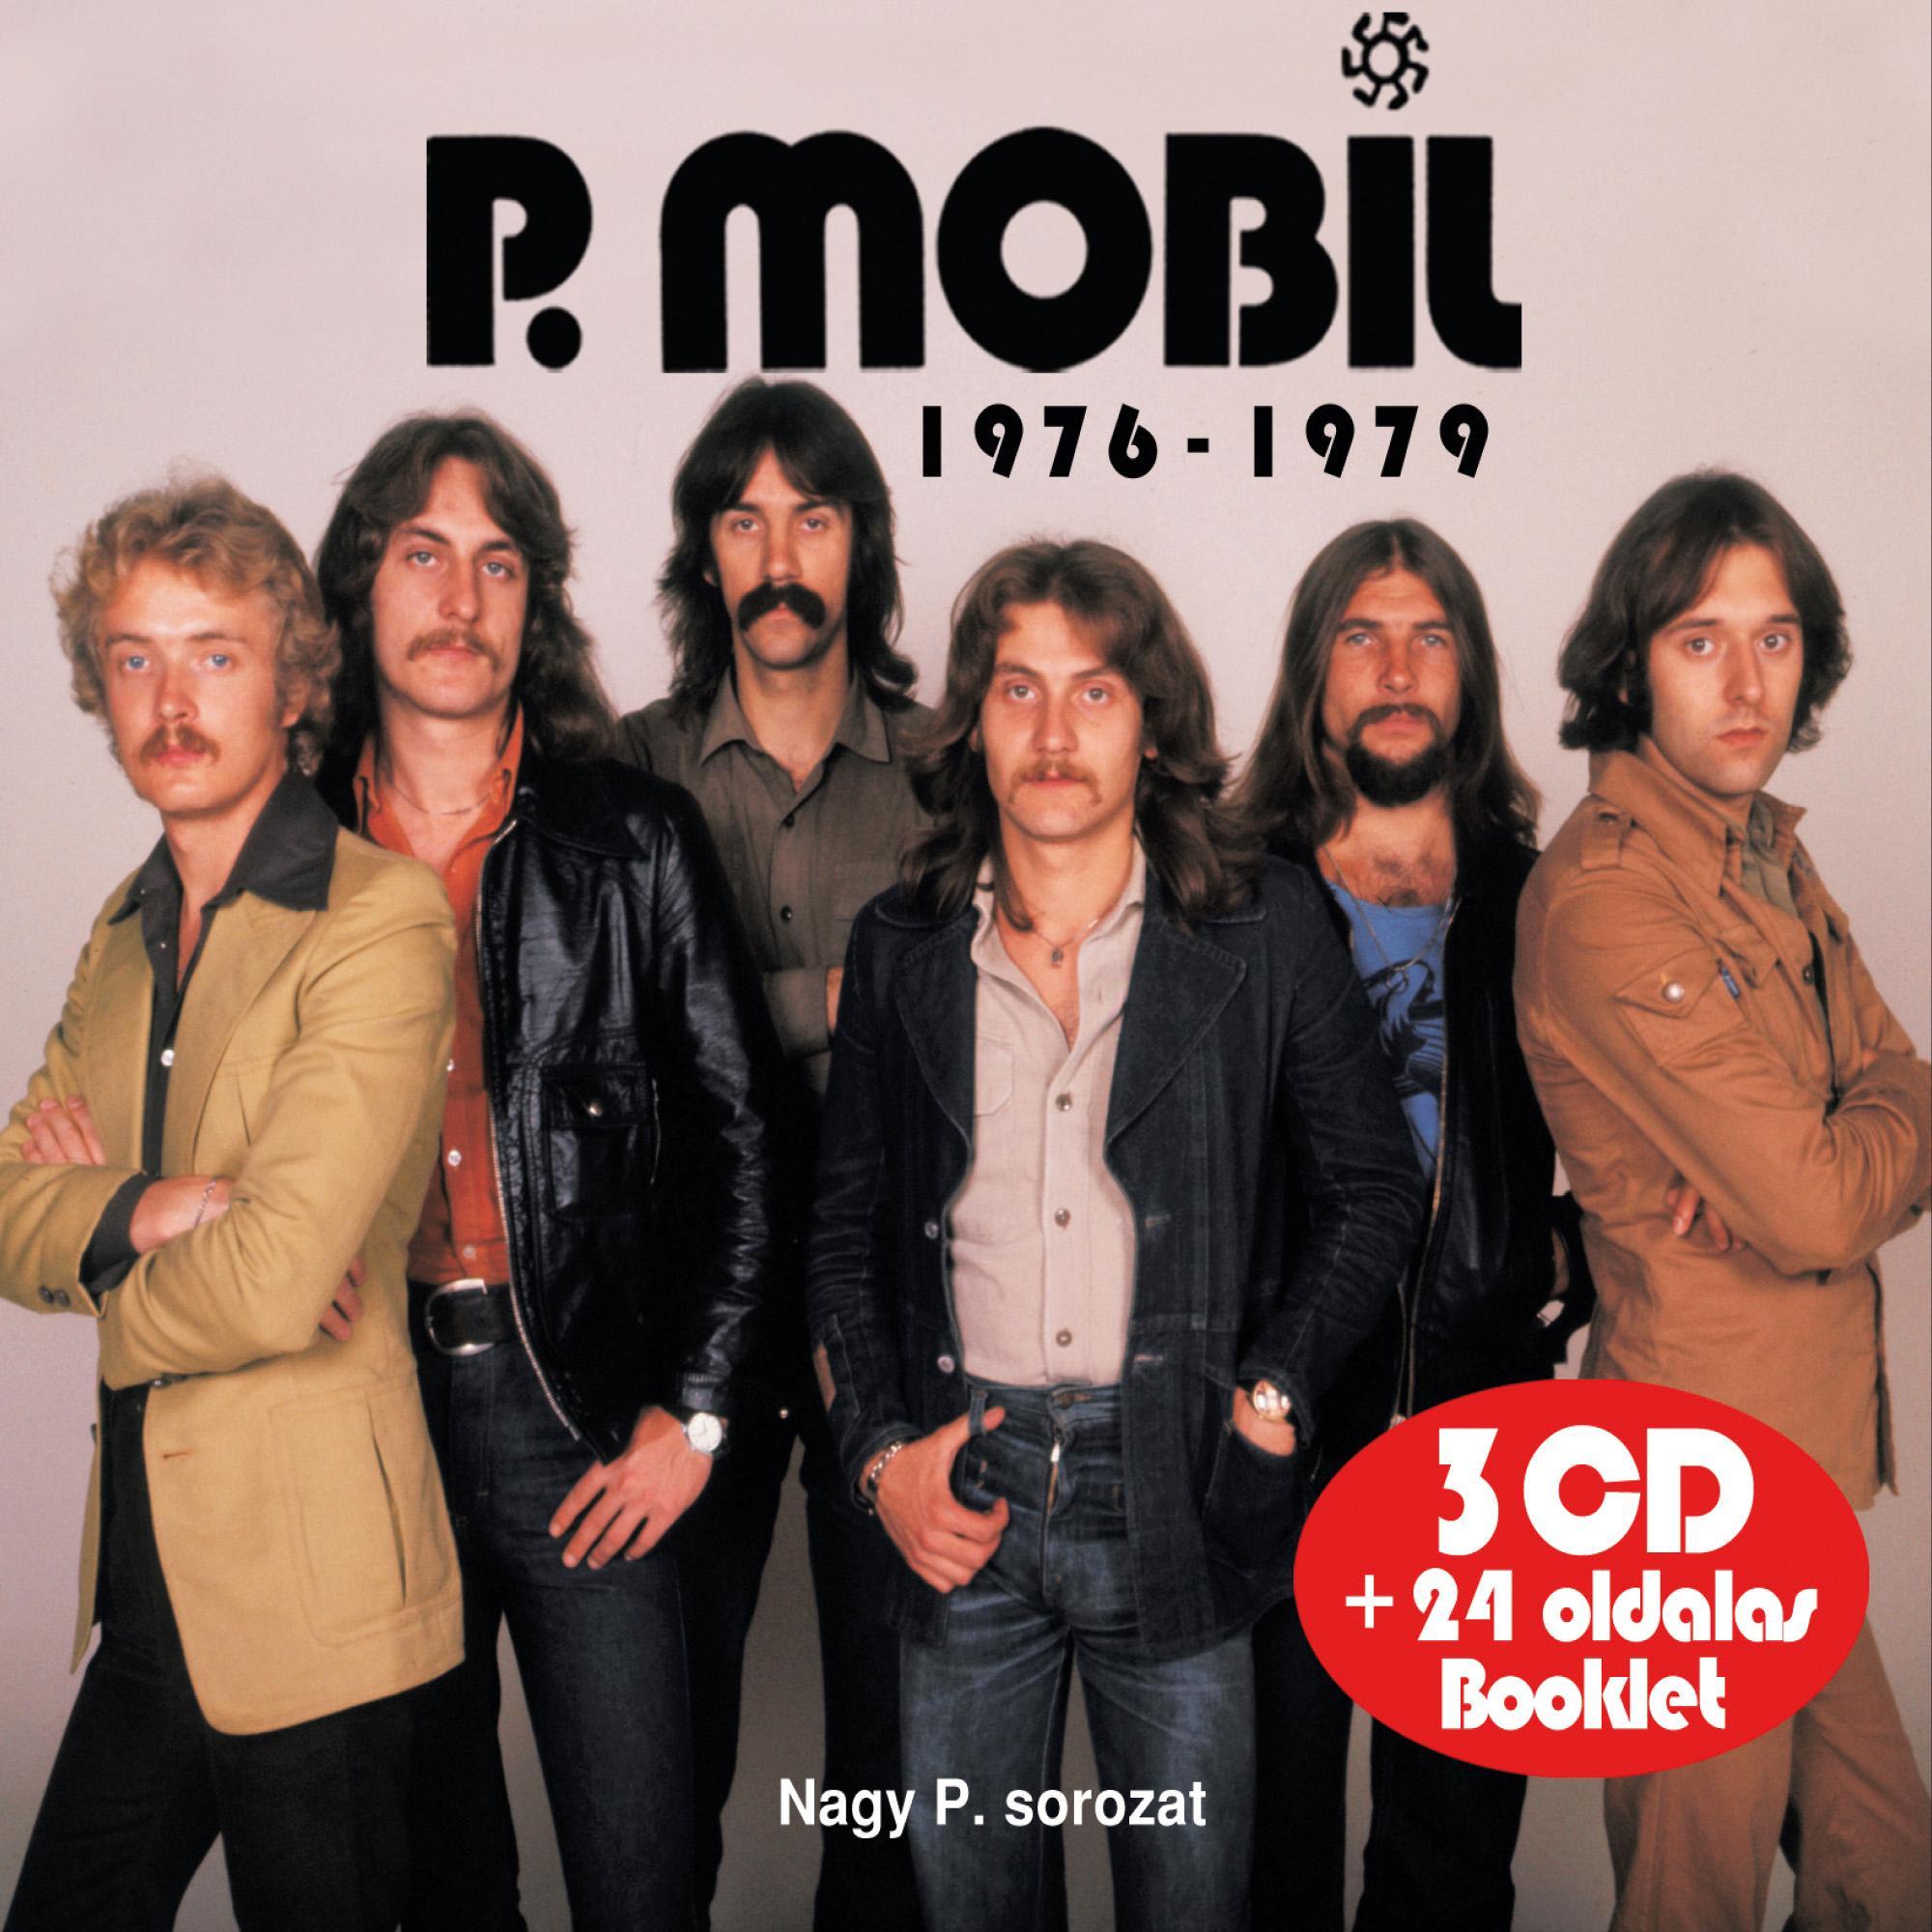 P.MOBIL 1976-1979 - 3CD -